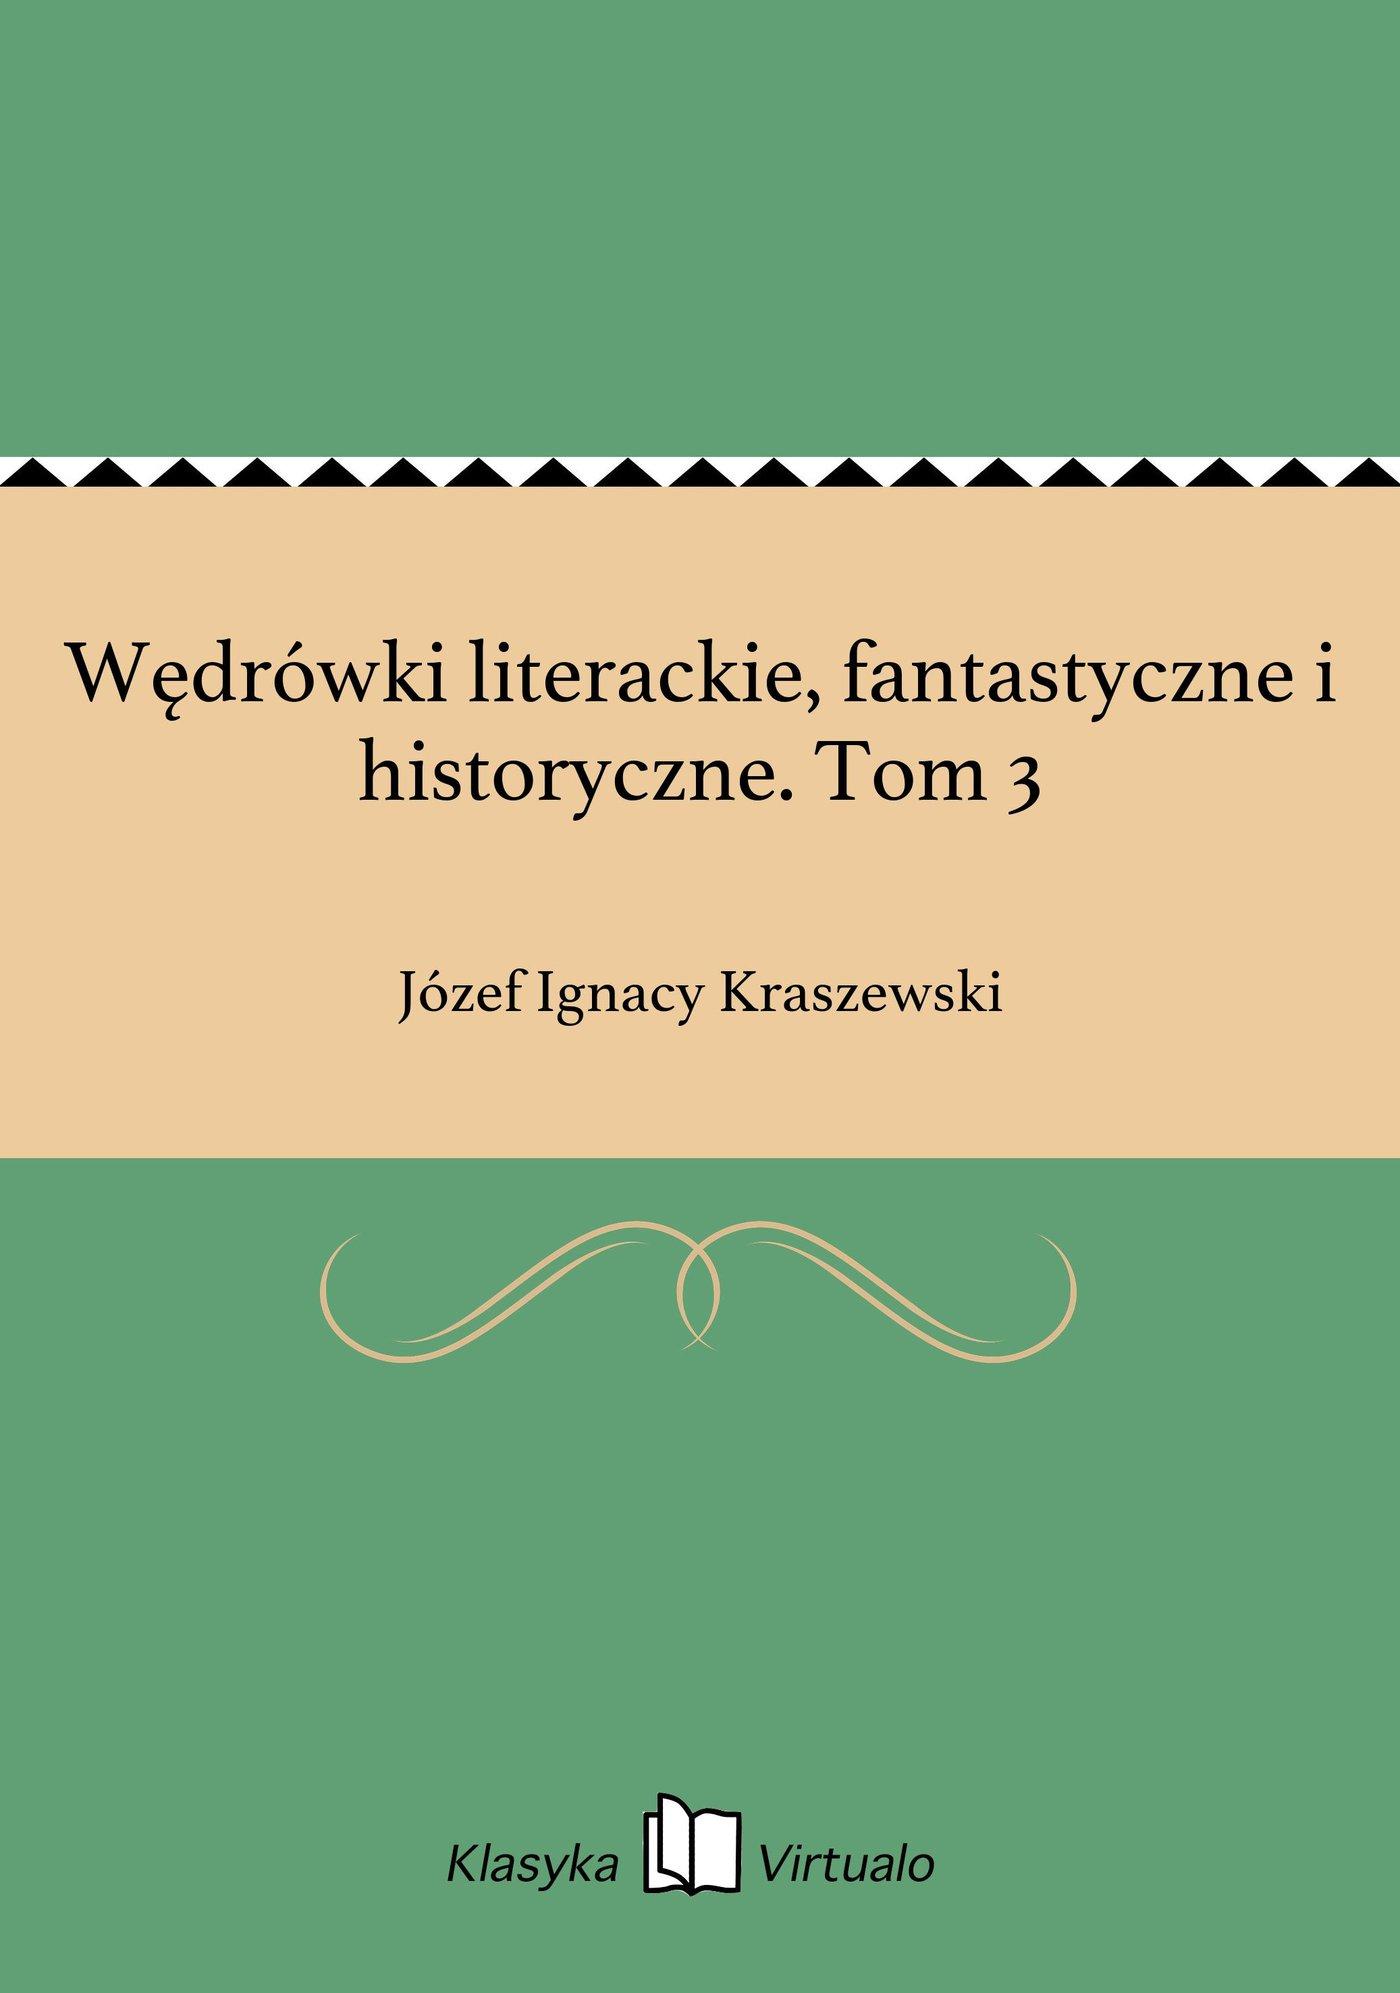 Wędrówki literackie, fantastyczne i historyczne. Tom 3 - Ebook (Książka EPUB) do pobrania w formacie EPUB